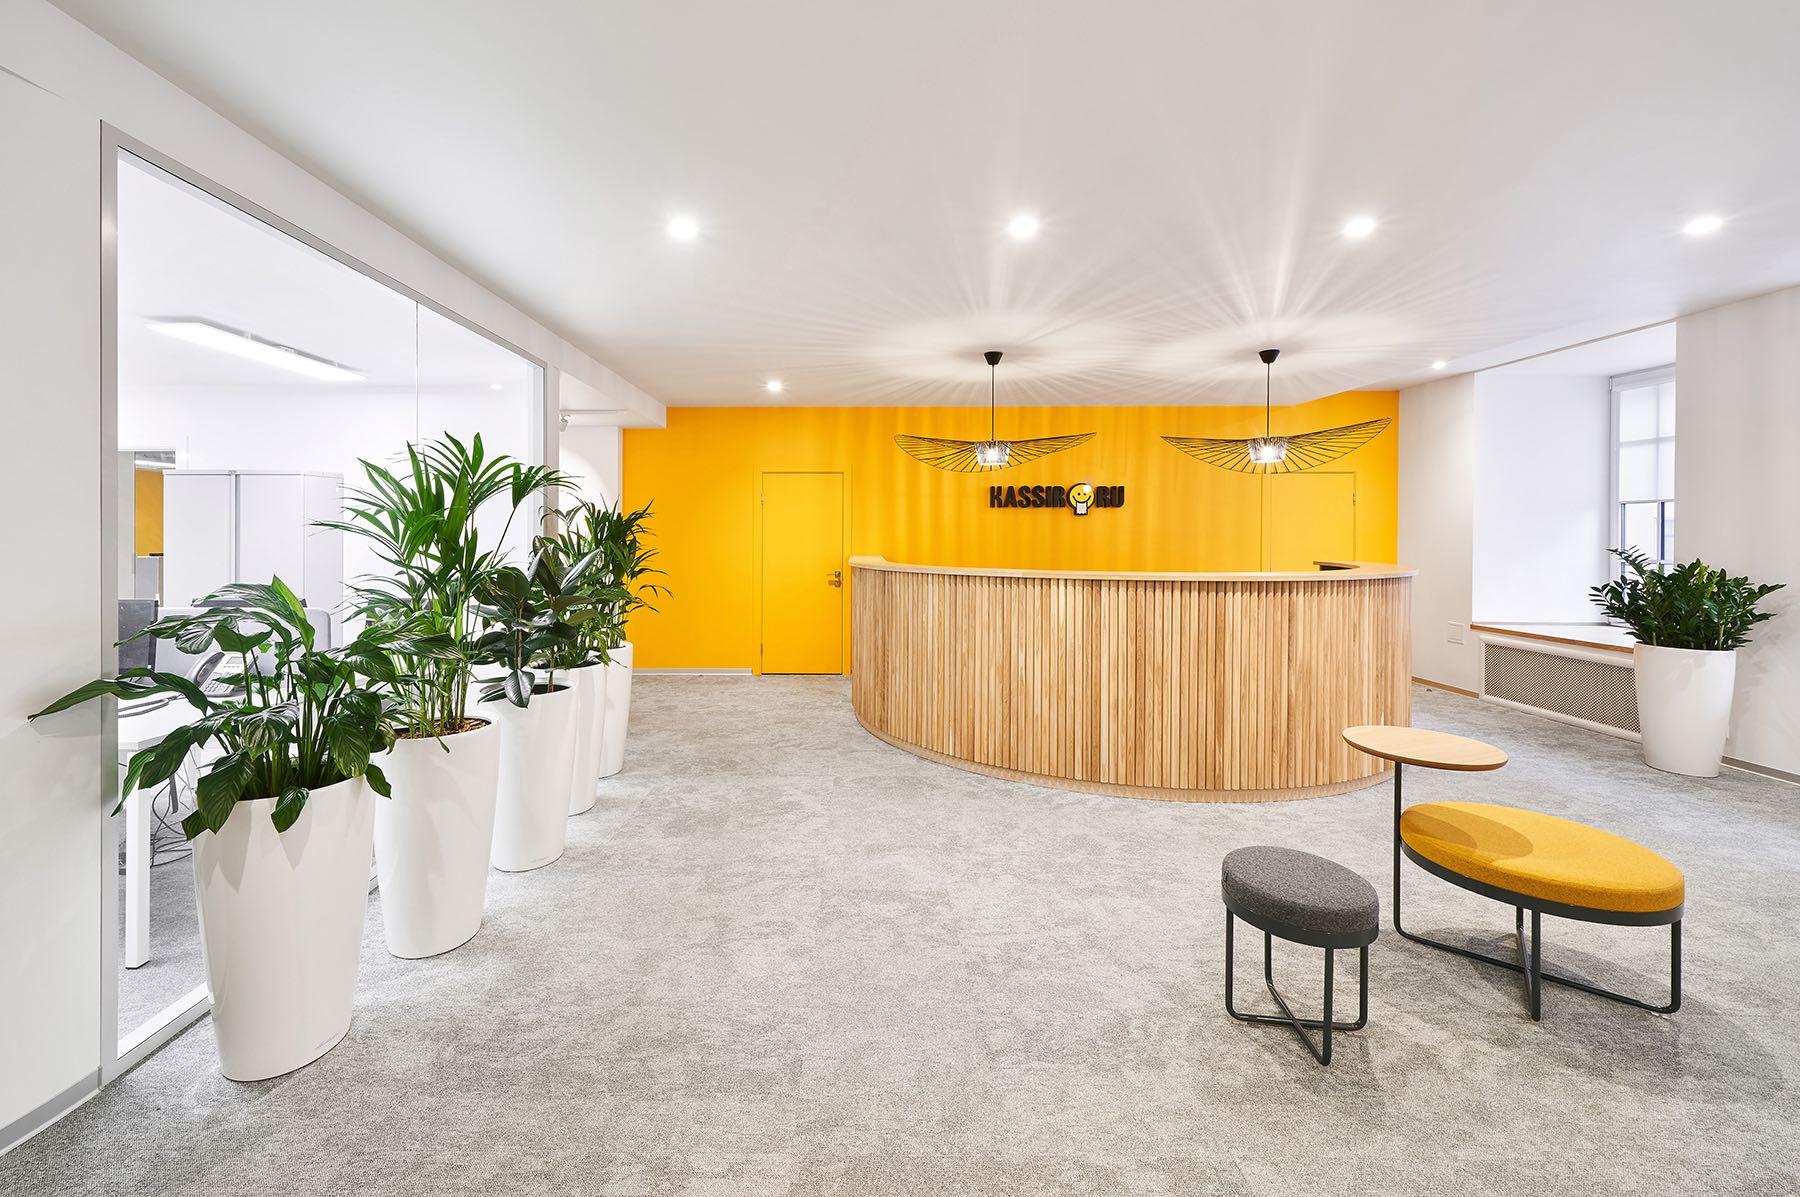 kassir-saint-pettesburgh-office-1